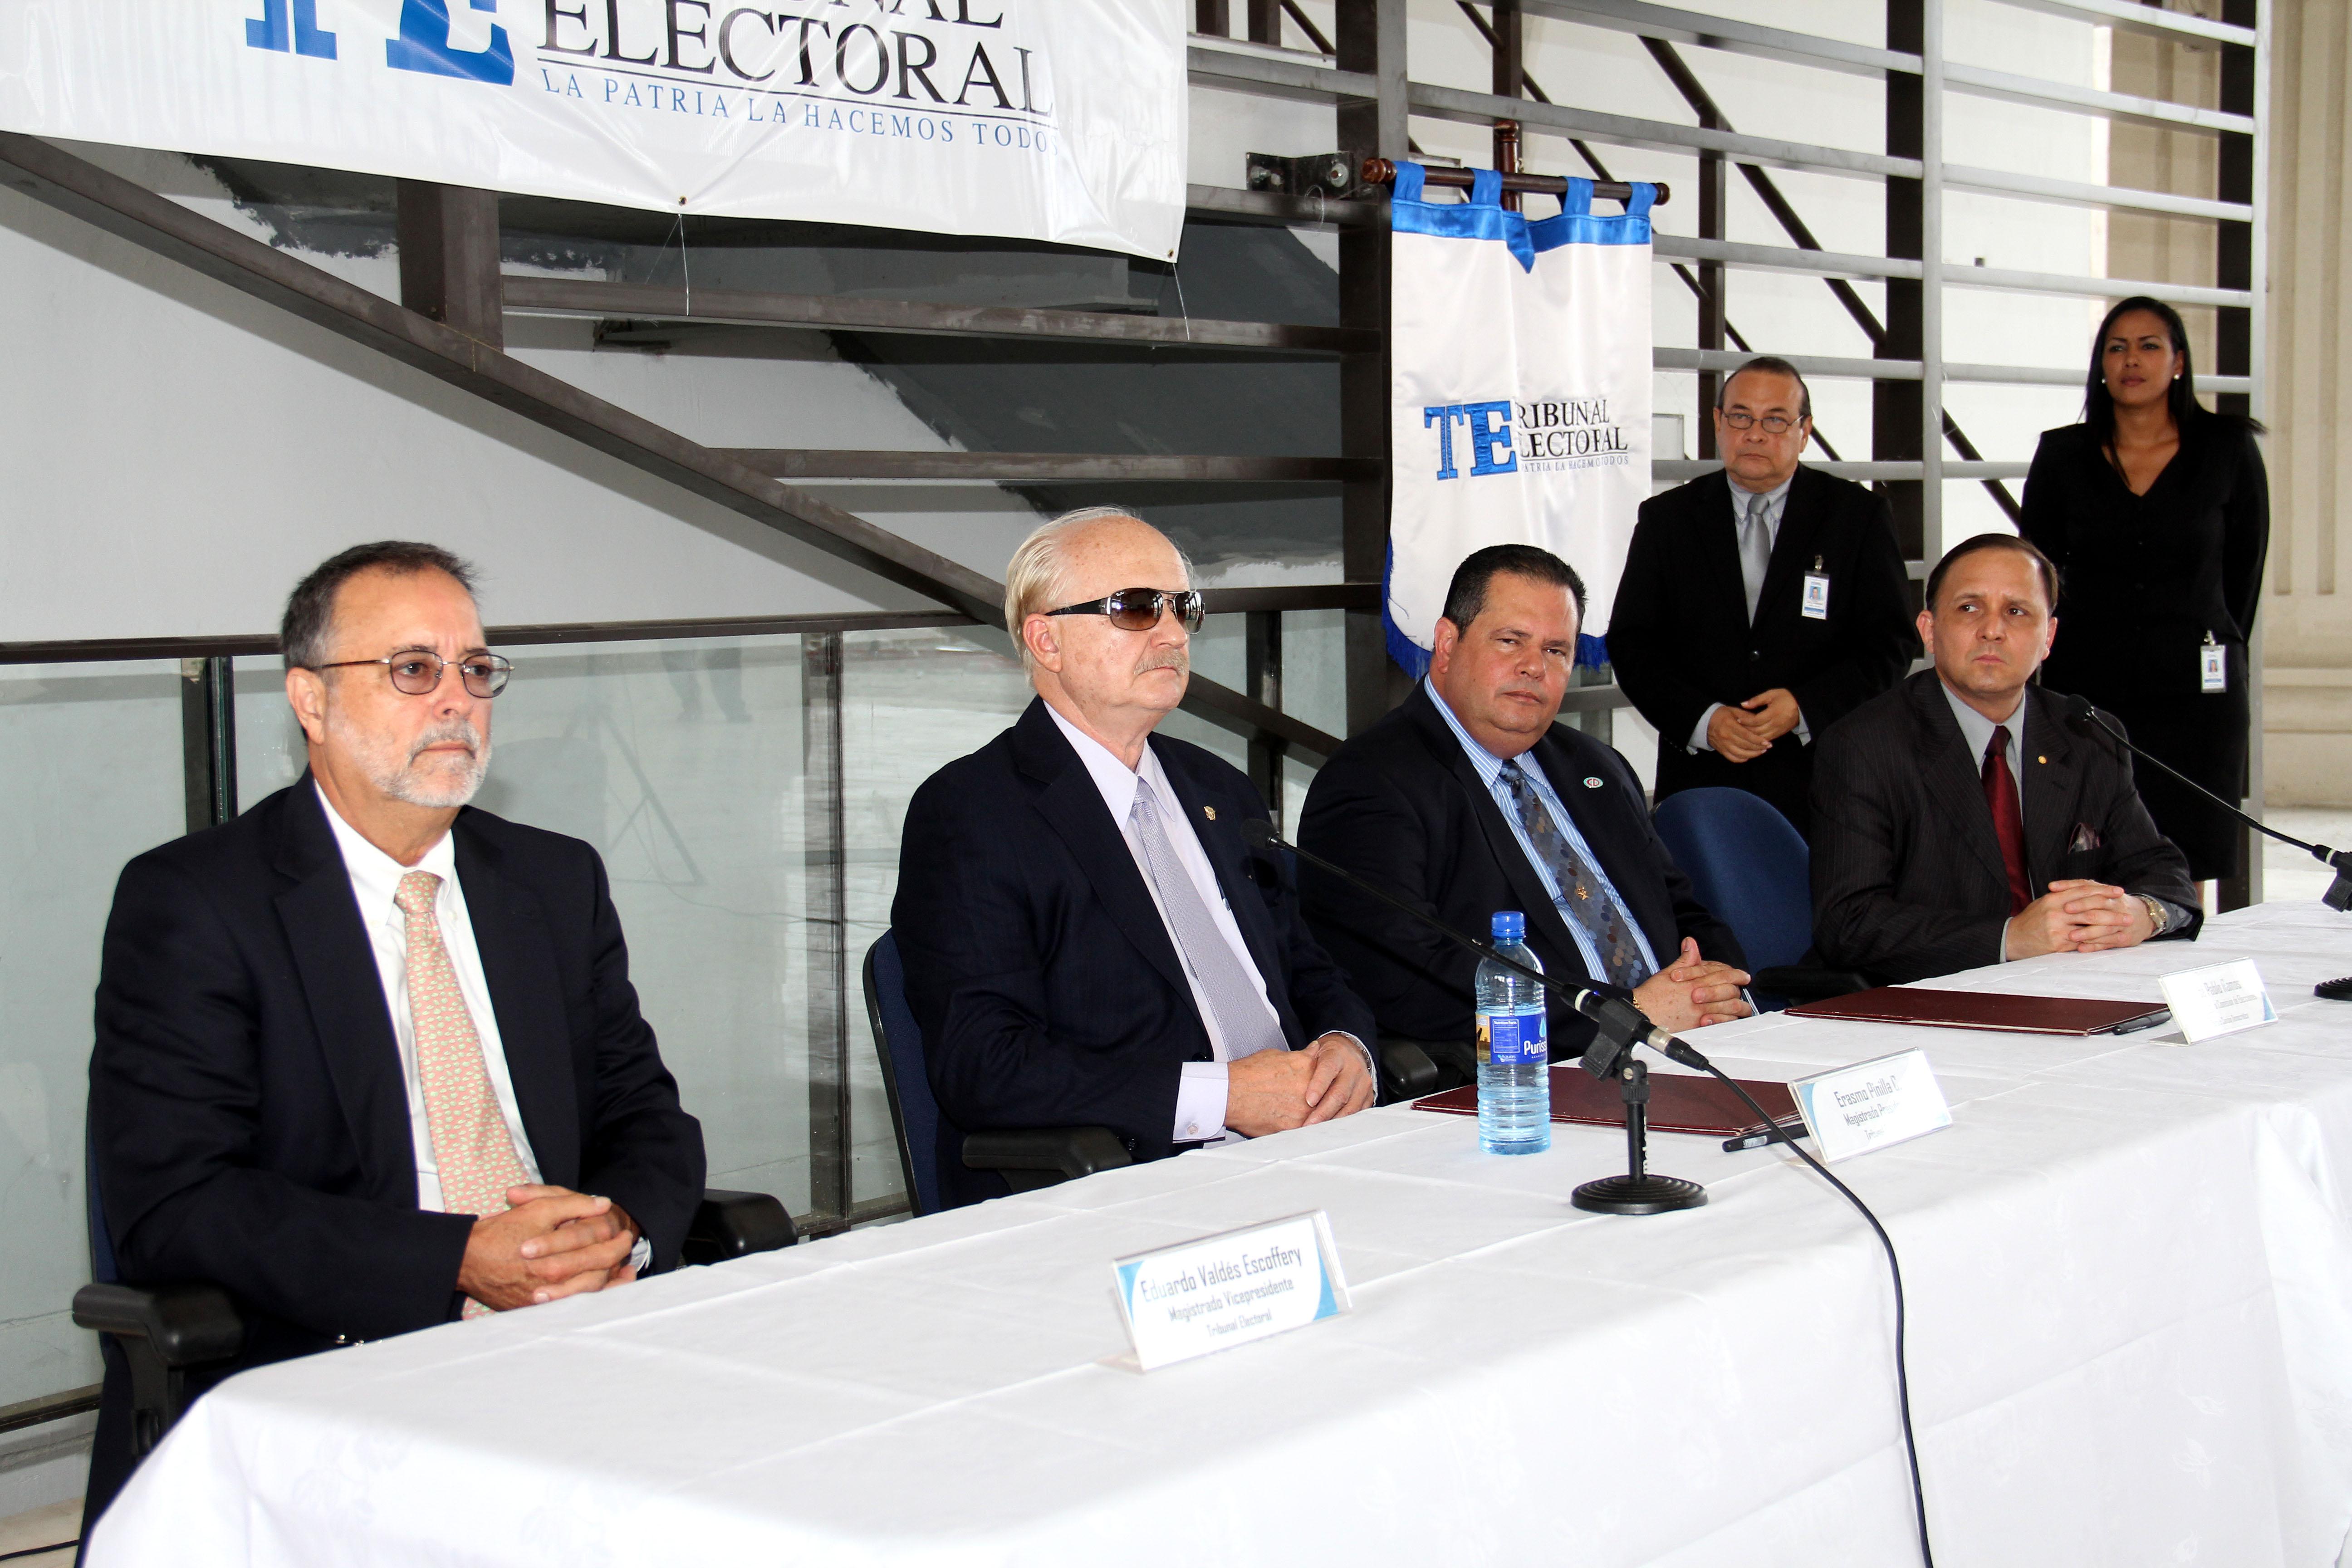 Tribunal Electoral y Cambio Democrático